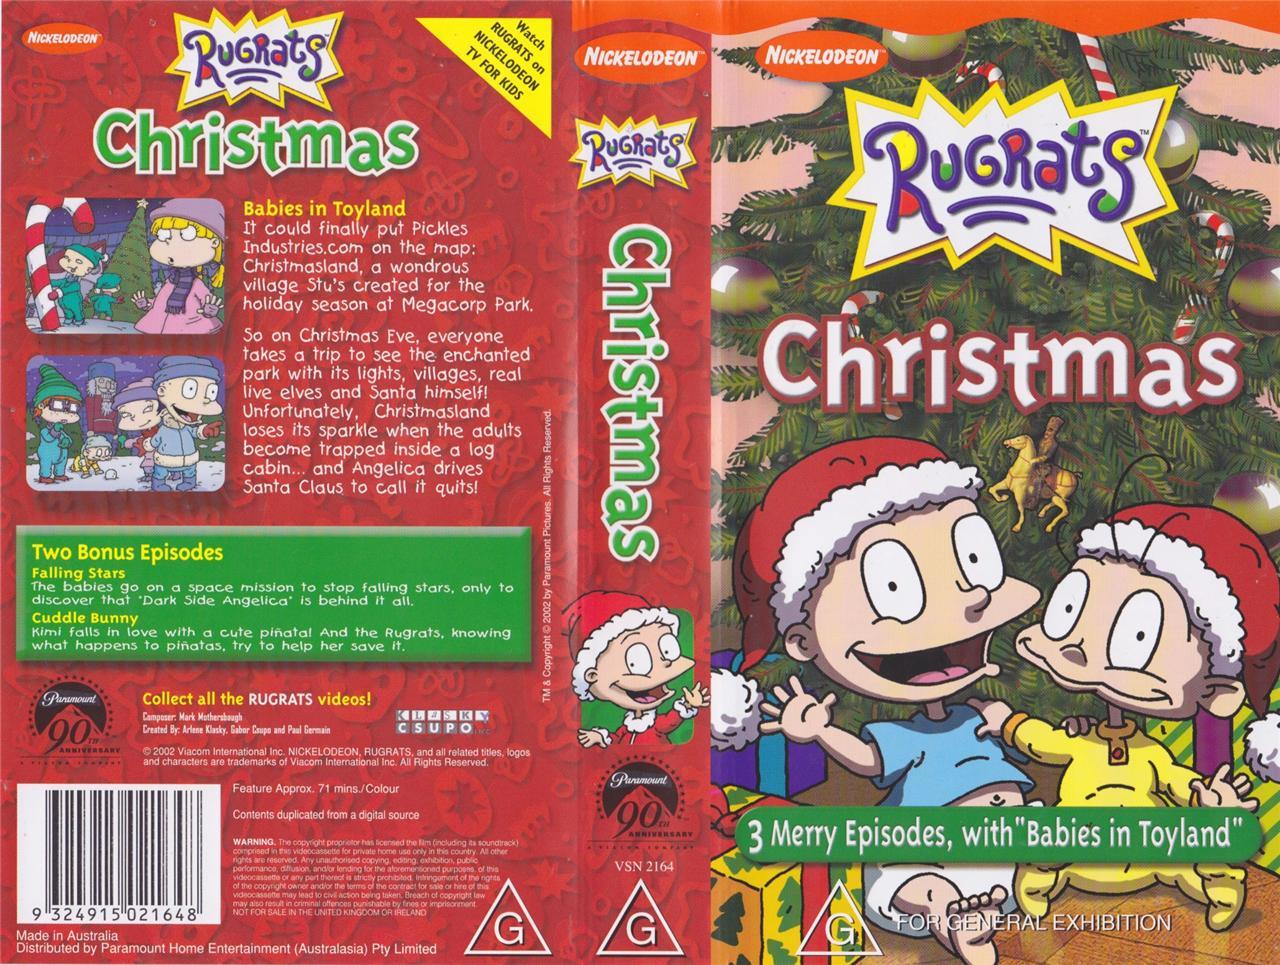 Rugrats christmas vhs